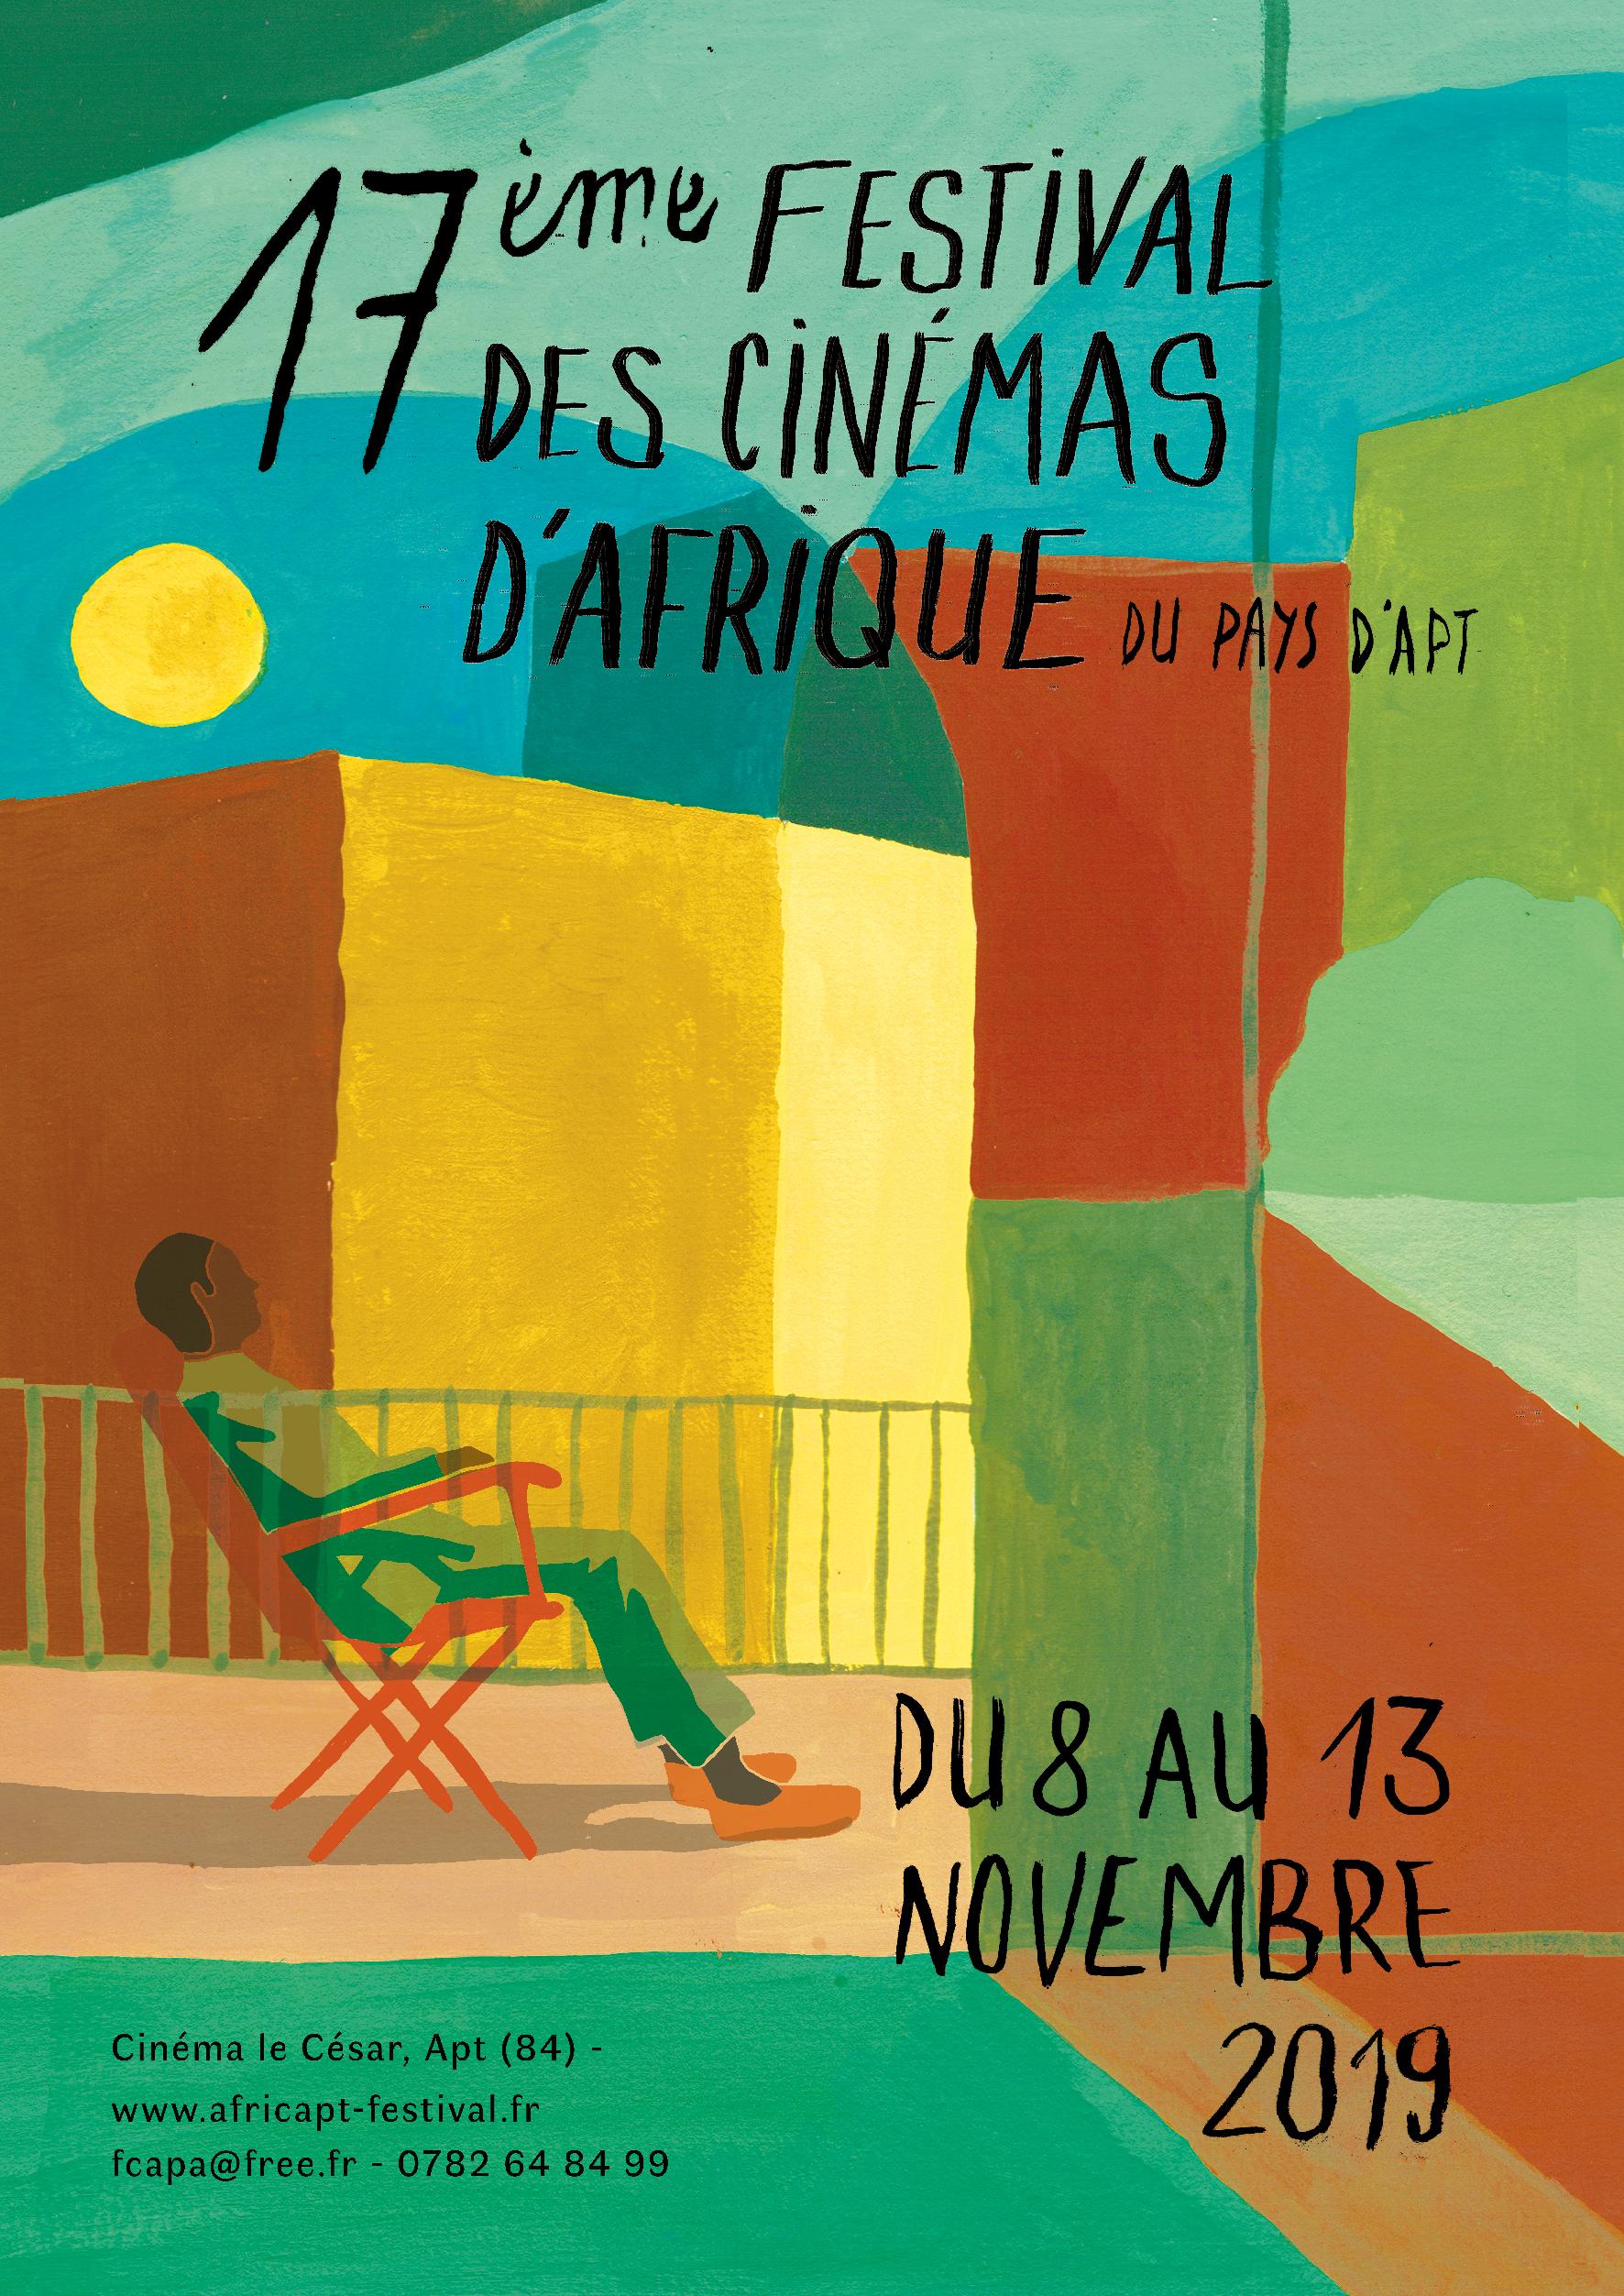 17e Festival des cinémas d'Afrique du pays d'Apt